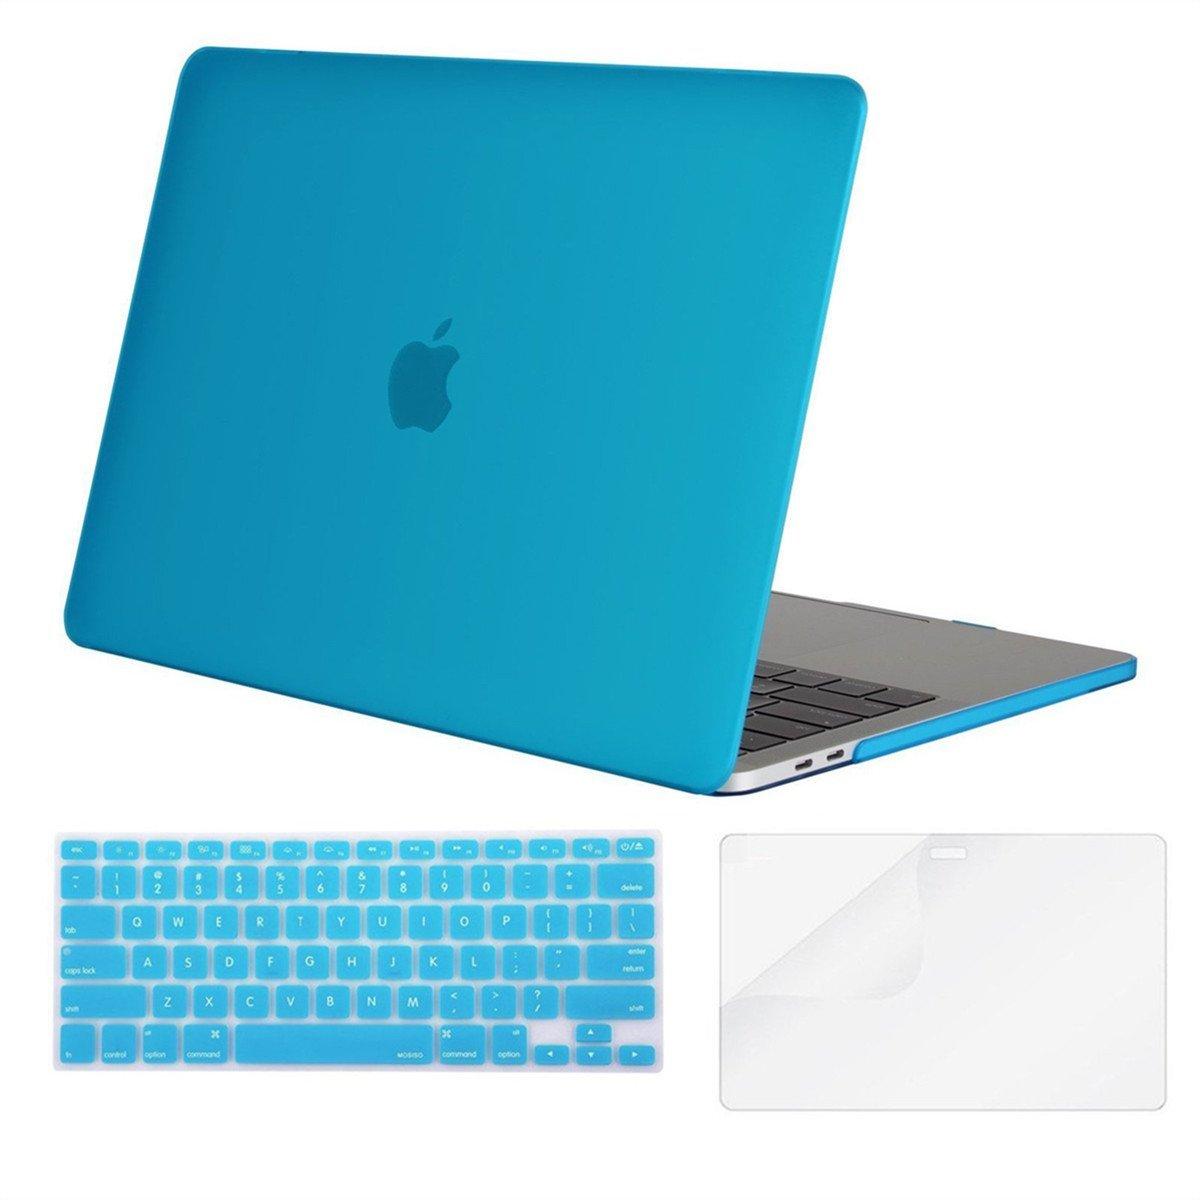 Phụ kiện máy xách tay  Shindand [miễn phí hàng] [tặng màn hình bàn phím màng màng] + táo MacBook máy